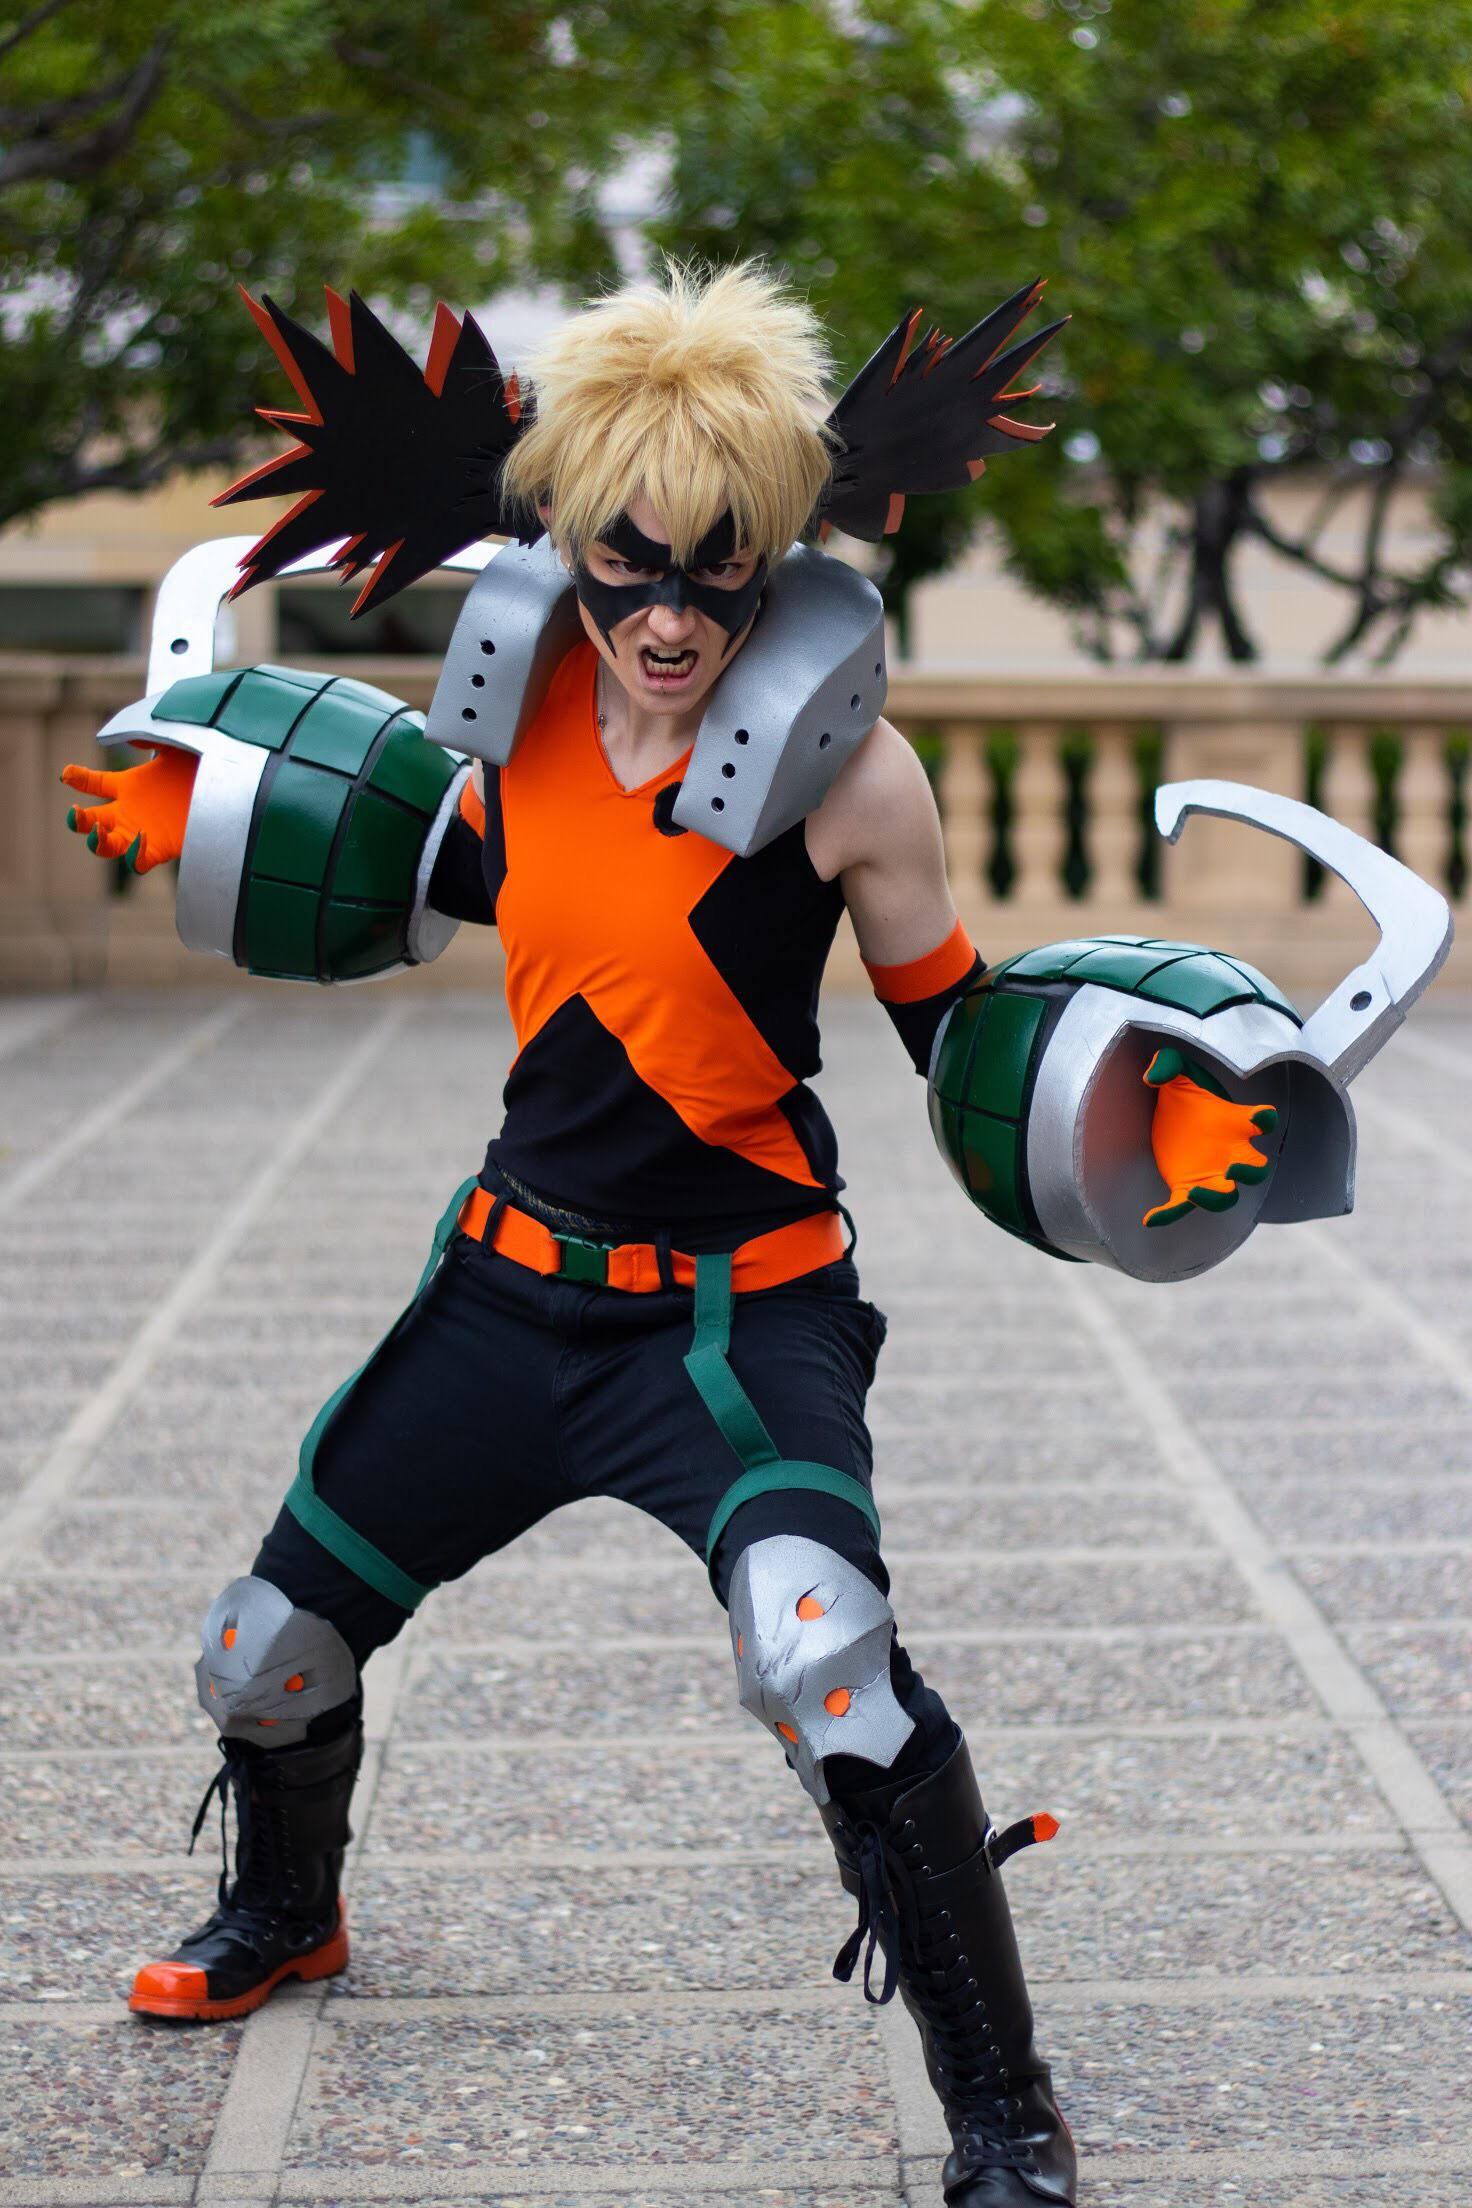 Katuski Bakugo - Katsuki Bakugo || Cosplay || Boku no hero